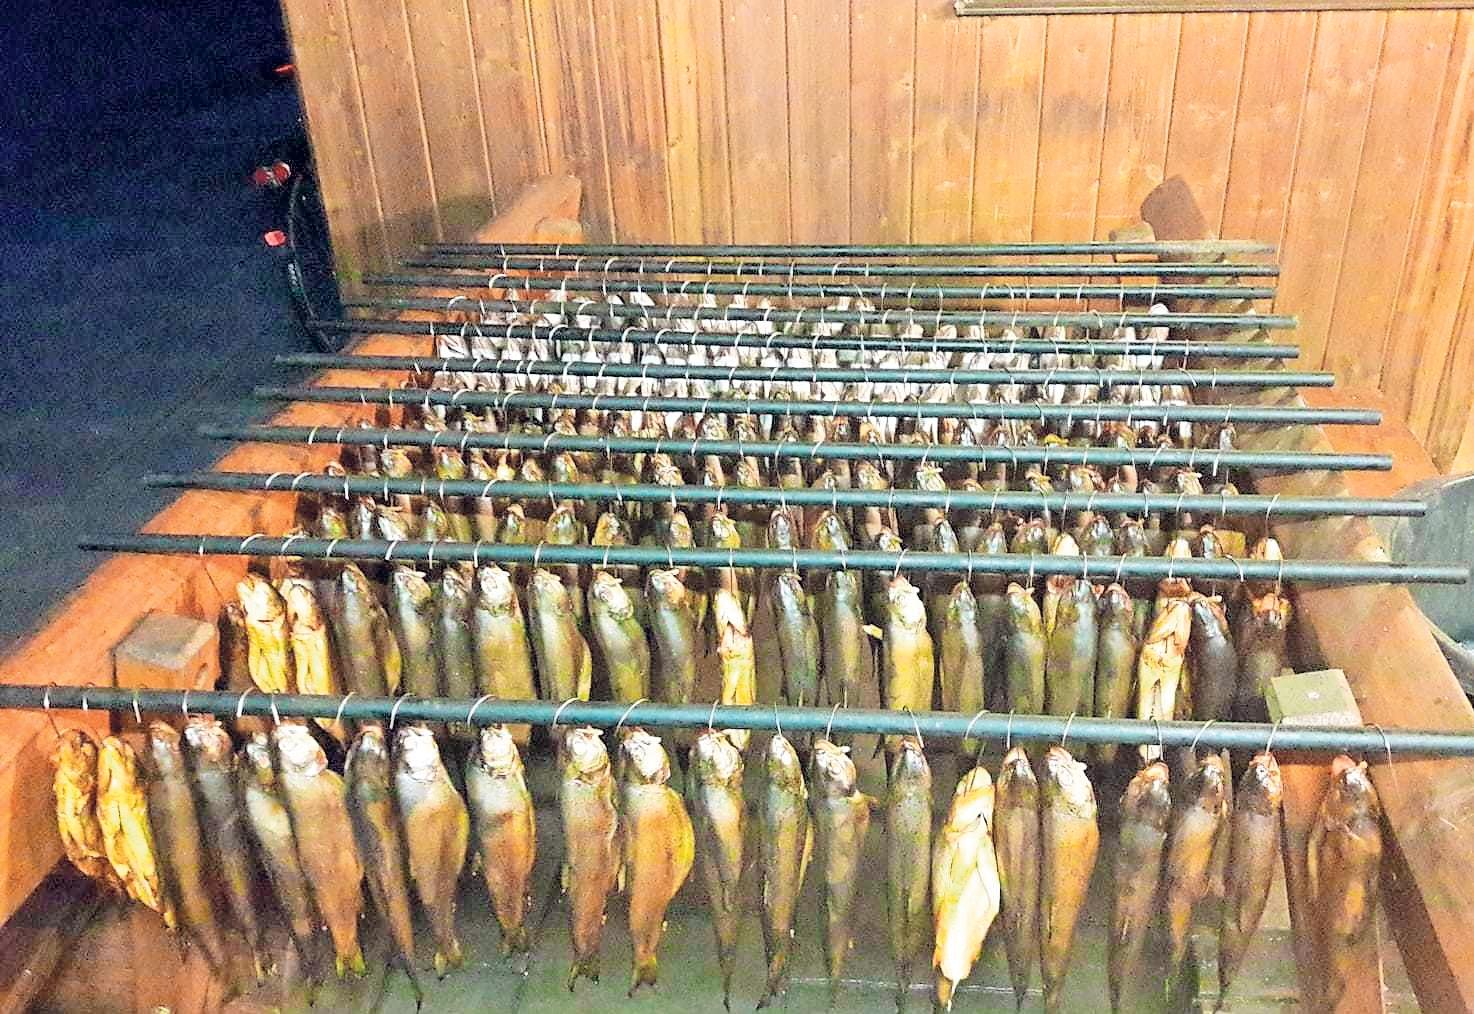 Am Vereinsgelände steht den Mitgliedern ein großer Räucherschrank zur Verfügung, in dem bis zu 150 Forellen Platz finden. Fotos: Dieter Jenß